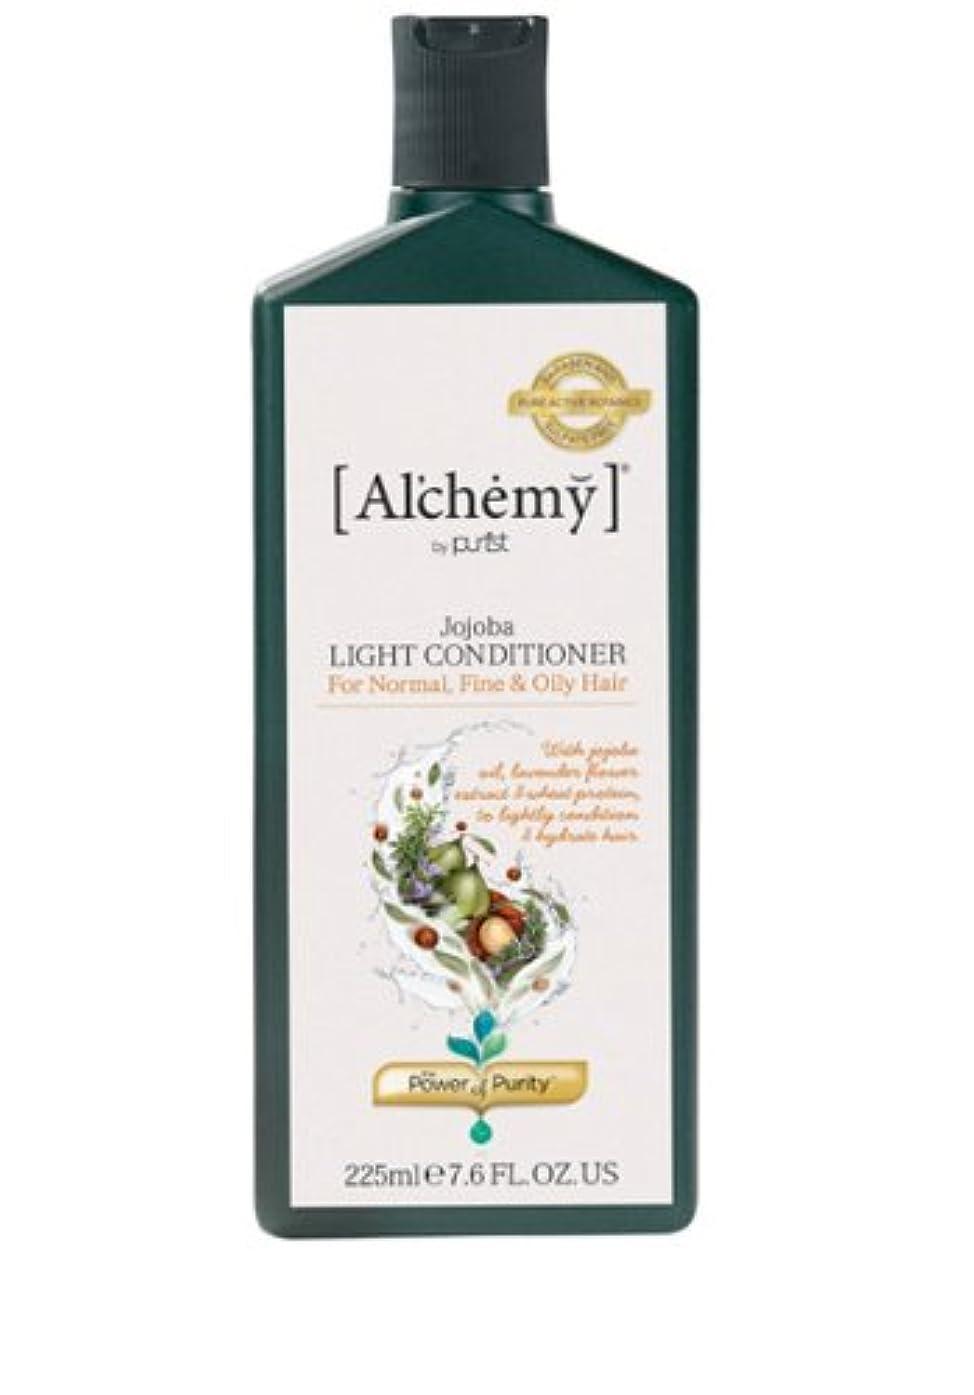 火欠席転送【Al'chemy(alchemy)】アルケミー ホホバライト コンディショナー(Jojoba, Light Conditioner)(ノーマルヘア用)225ml